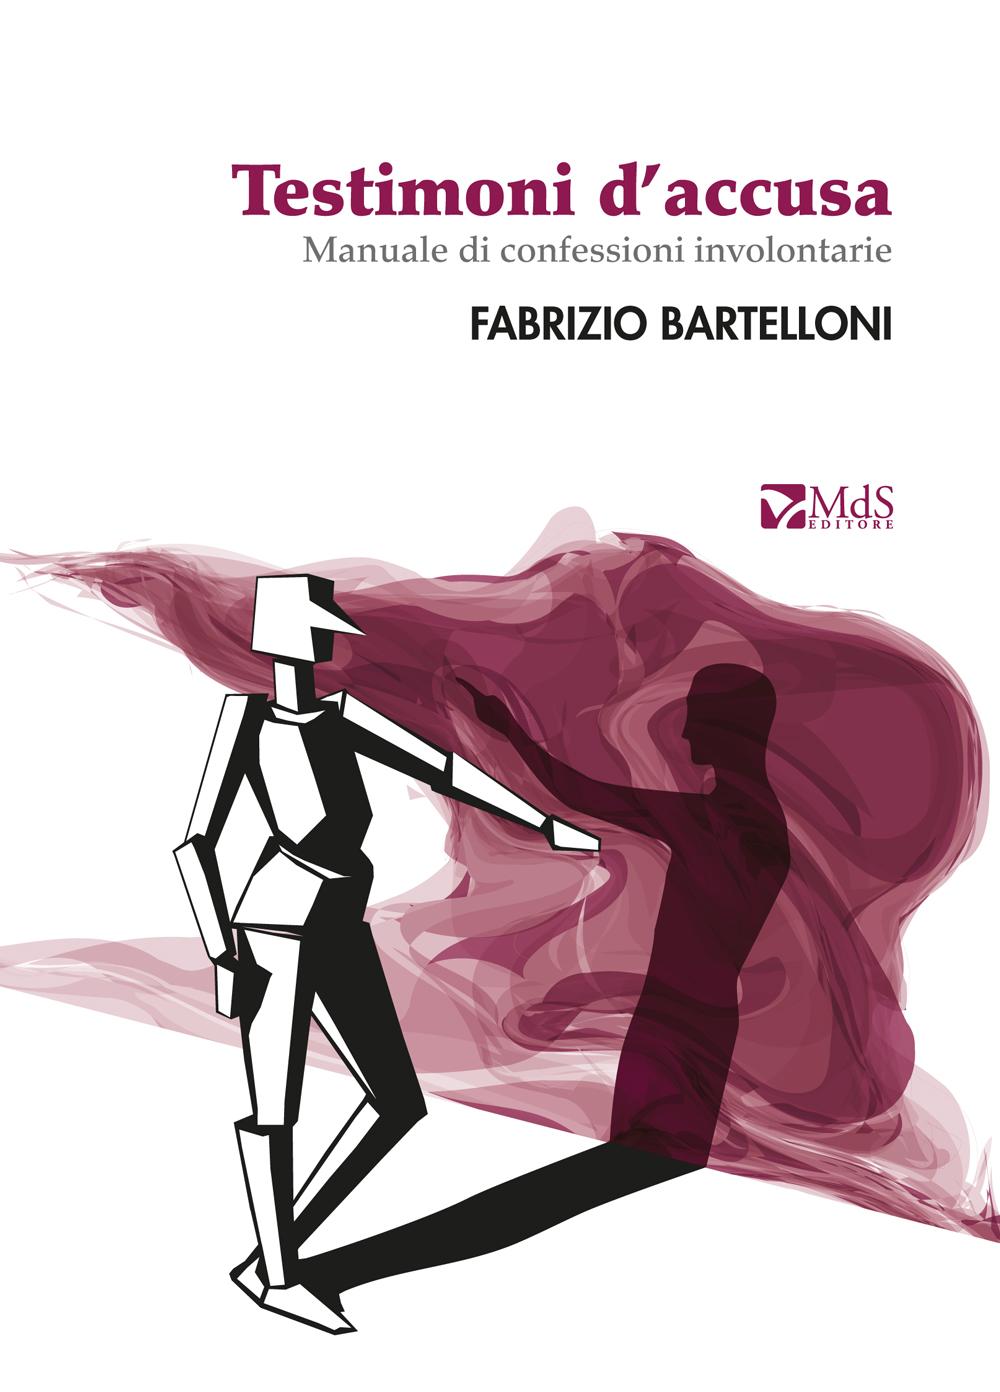 Fabrizio Bartelloni